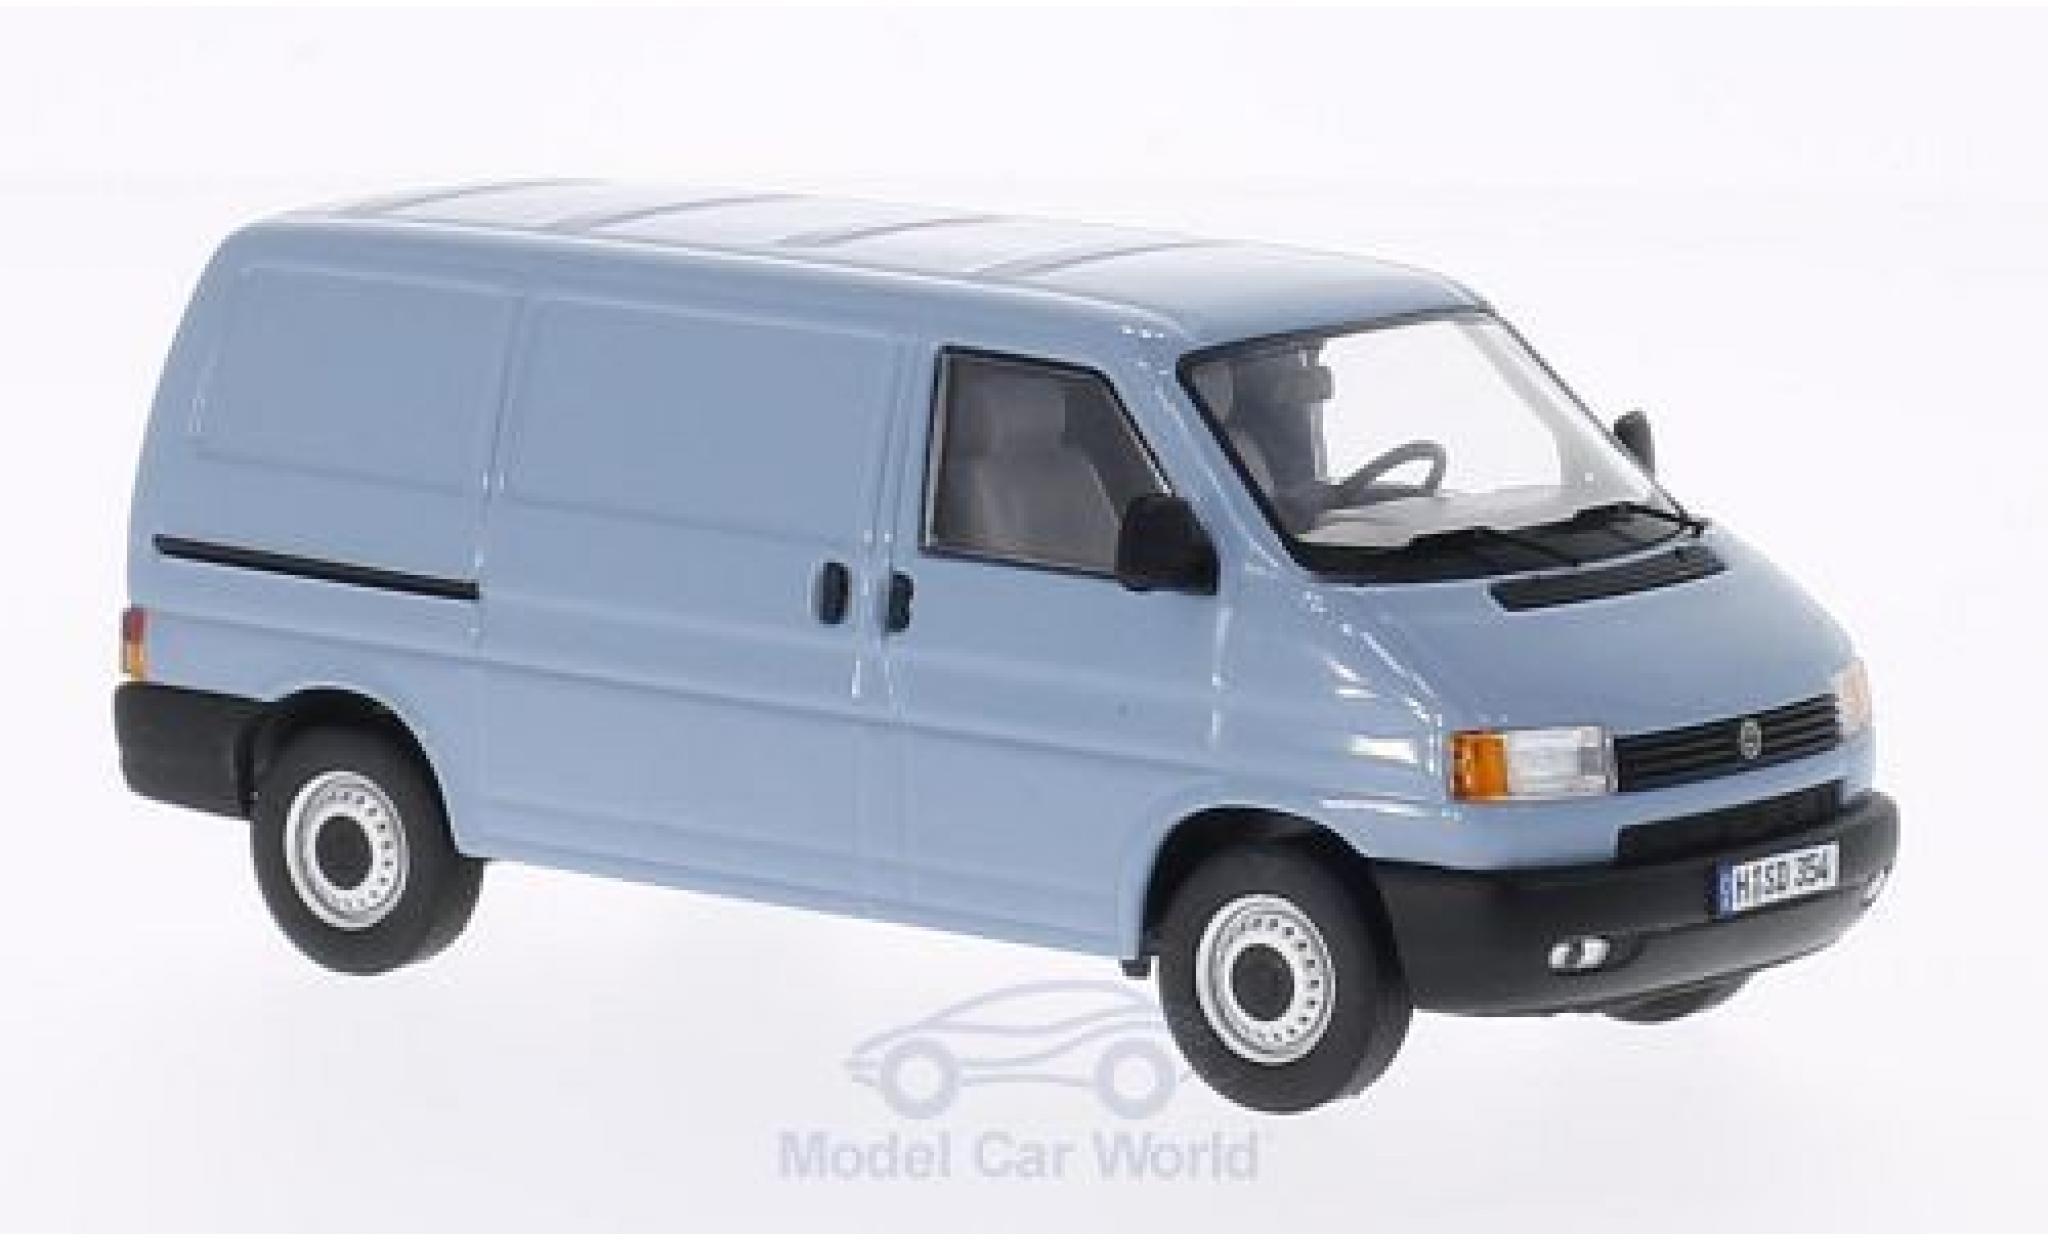 Volkswagen T4 1/43 Premium ClassiXXs blue Kasten